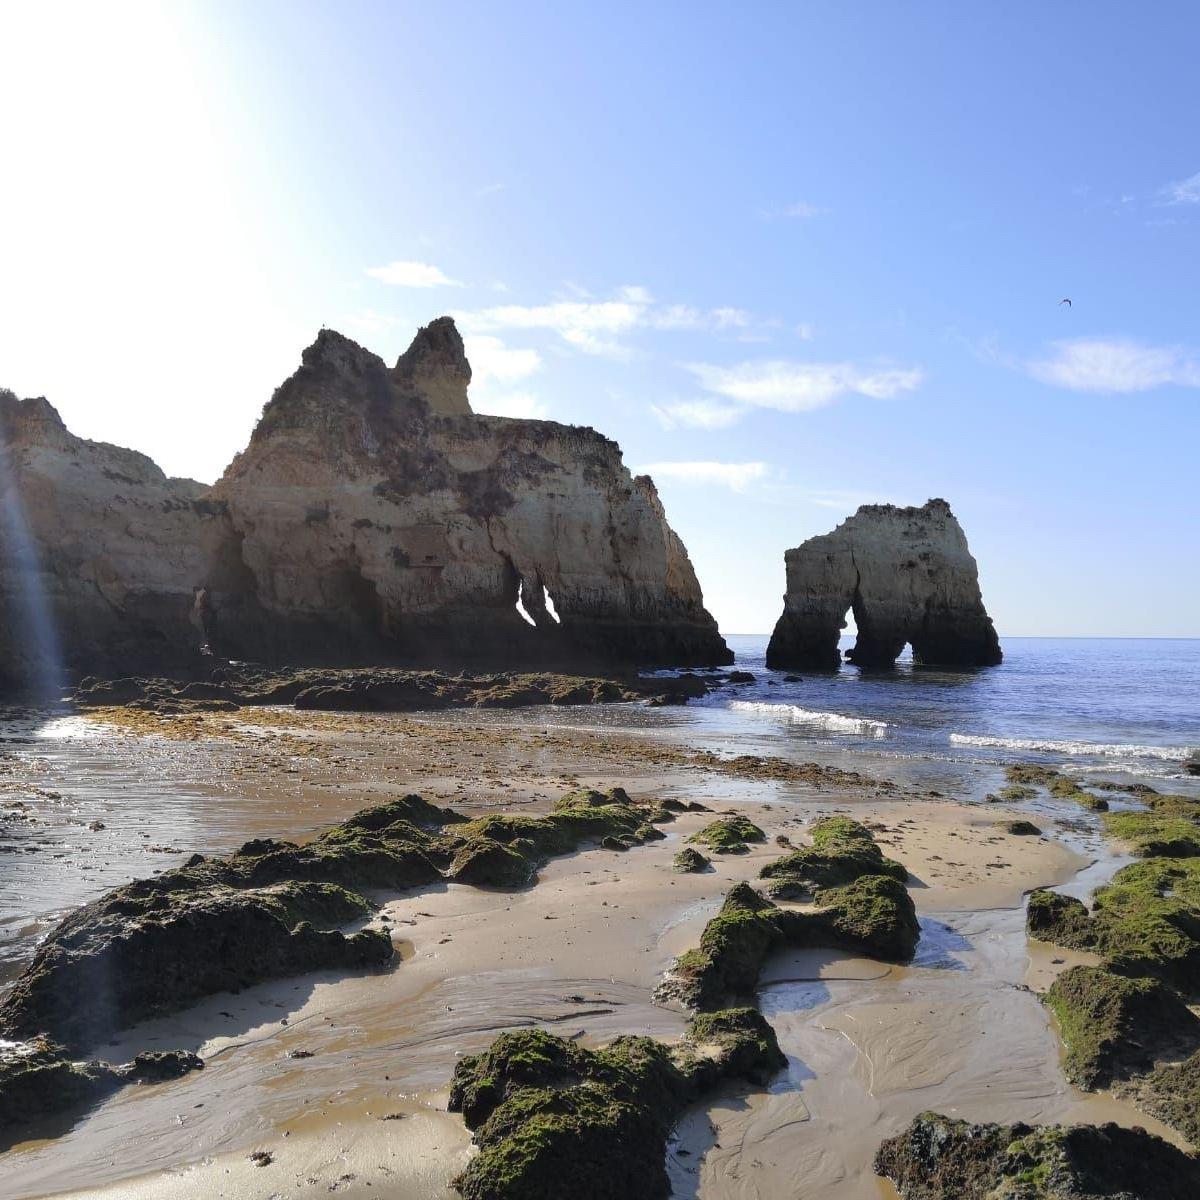 campervan retreat praia das furnas algarve cave vanlife portugal